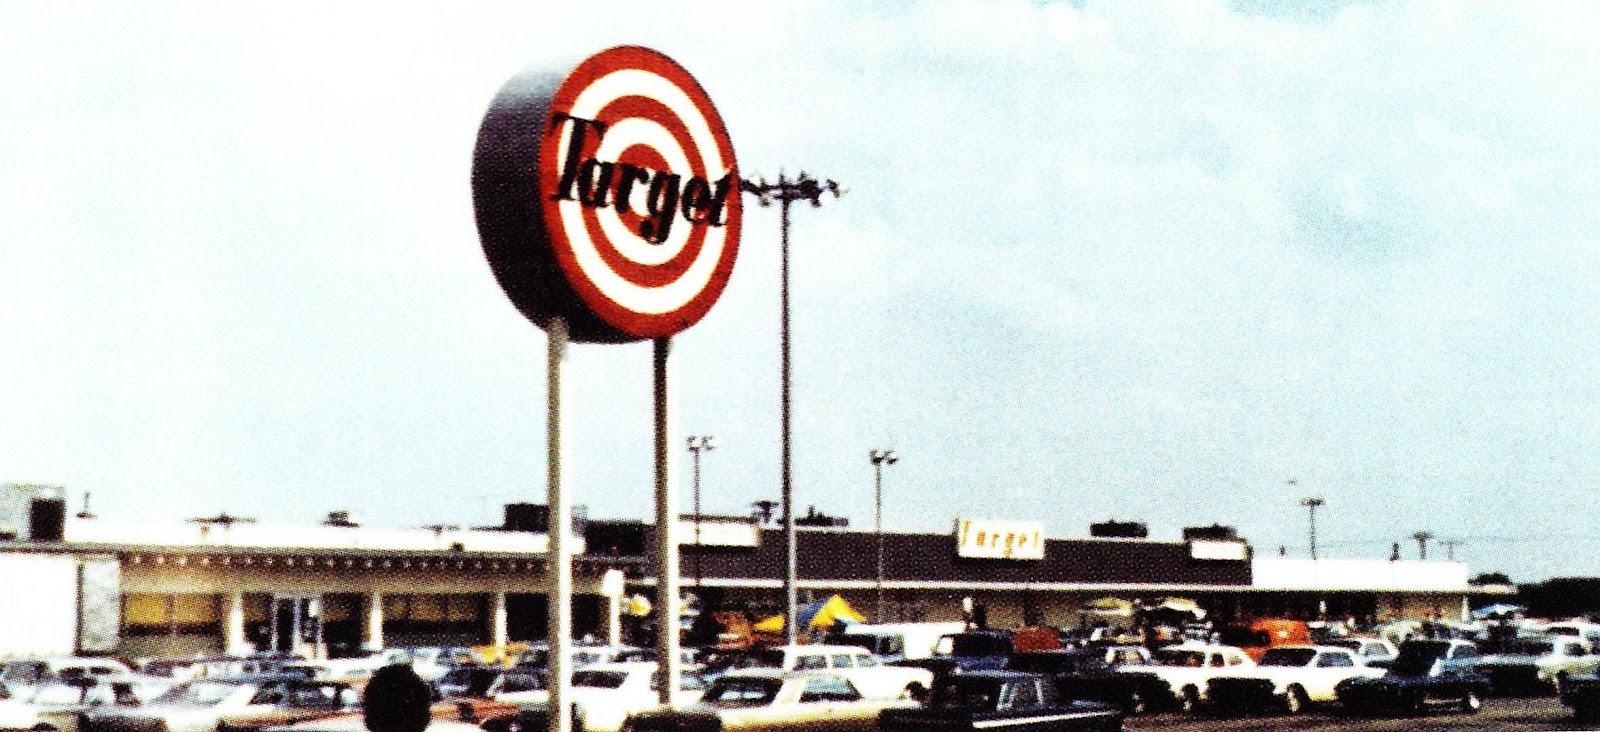 Target Bundl Roseville MN 1962